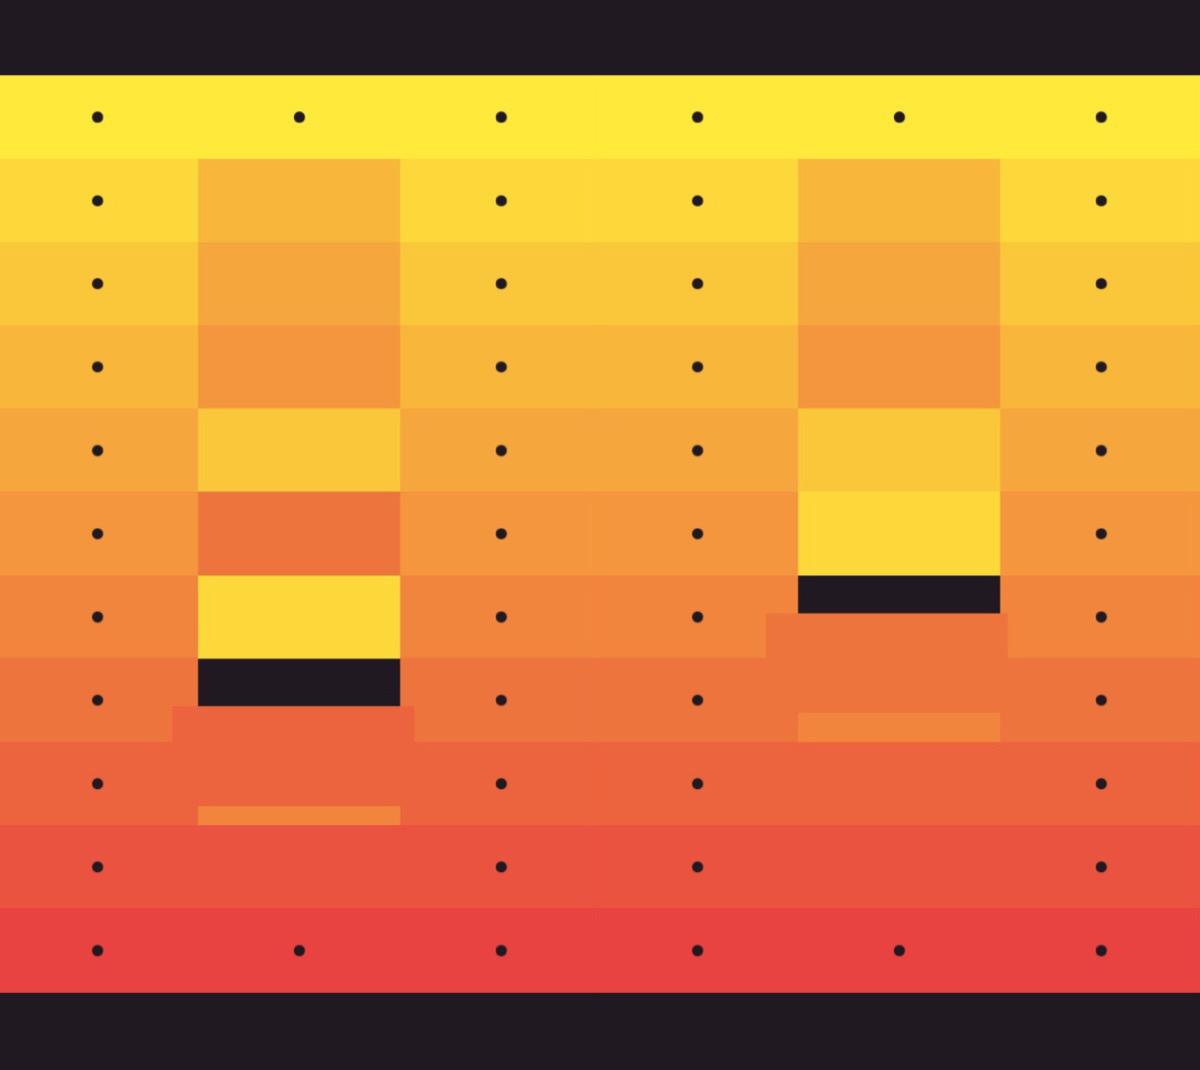 画像2: 色を並べ替えるだけなので直感的に楽しめます。